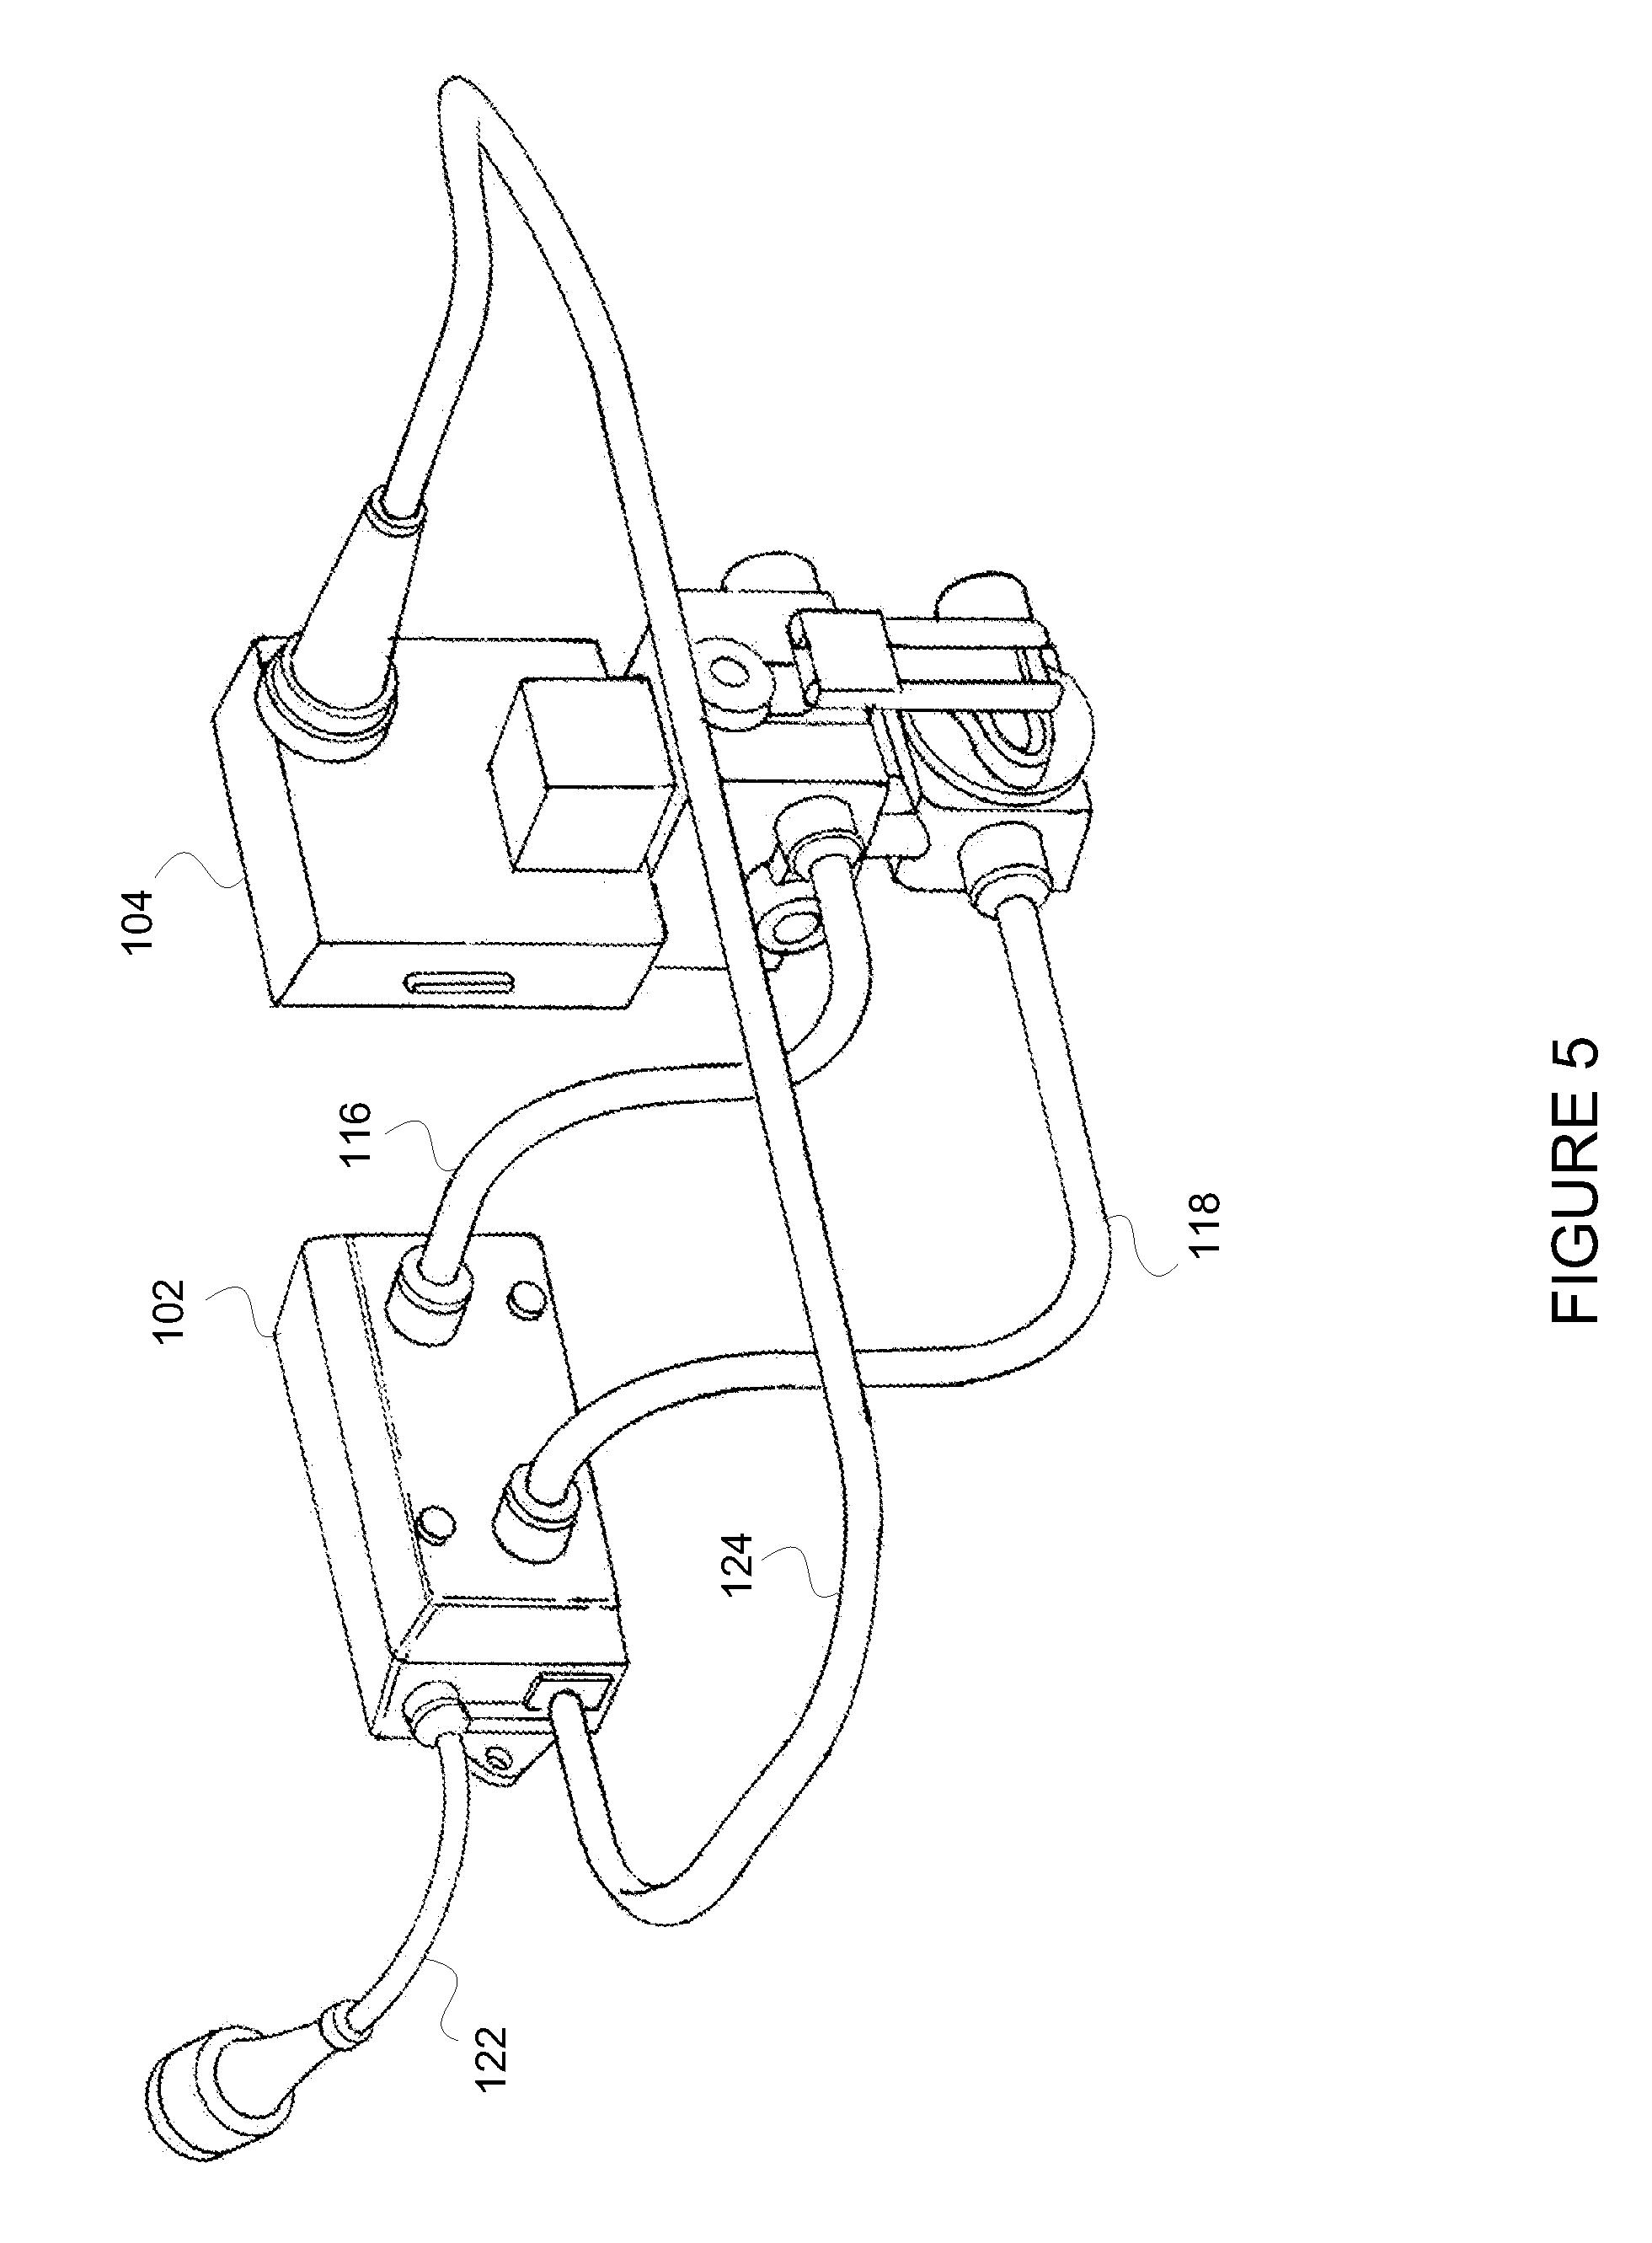 patent us8204668 - brake monitoring system